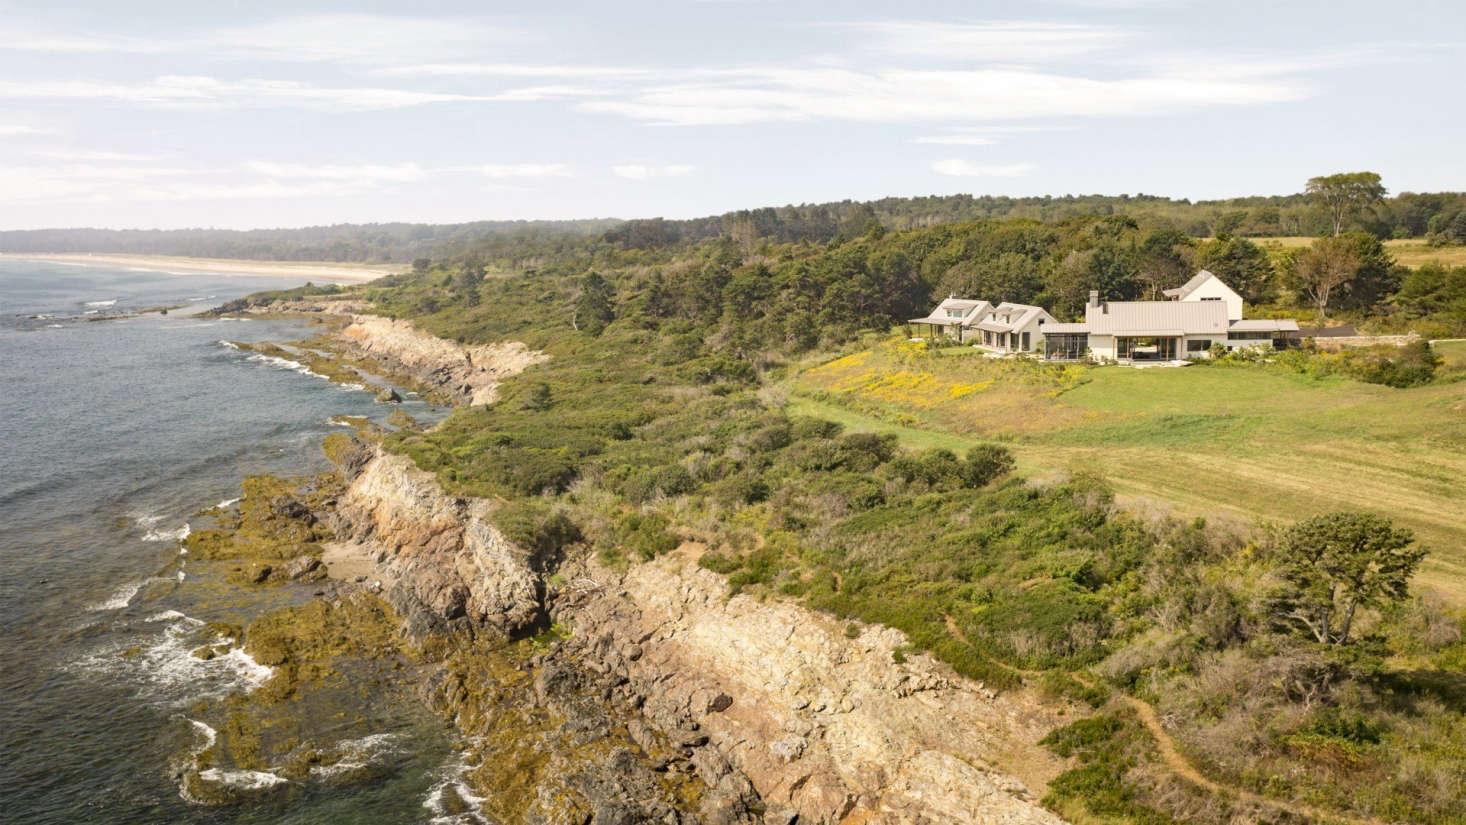 在沿海地区,景观景观,景观景观,建筑景观,徒步旅行,徒步旅行,徒步旅行和植被景观。